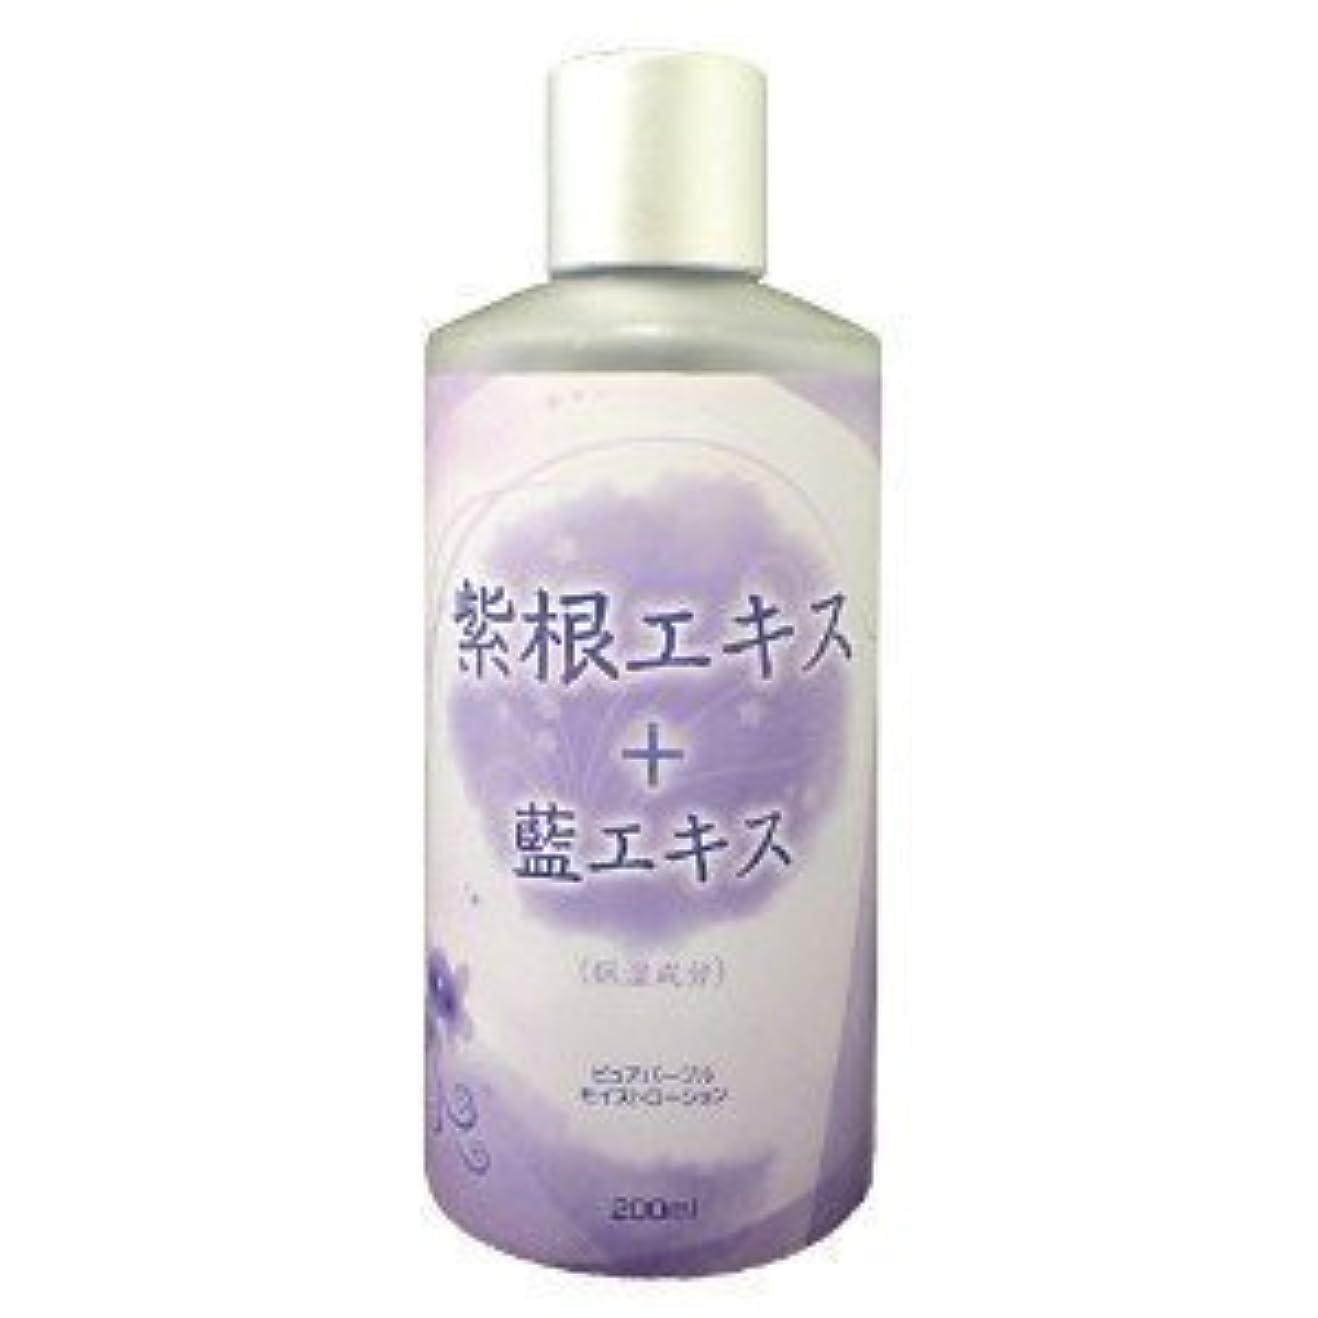 休憩時々廊下3本セット ピュアパープルモイストローション シコン ( 紫根 ) 化粧水 藍エキス入り200ml